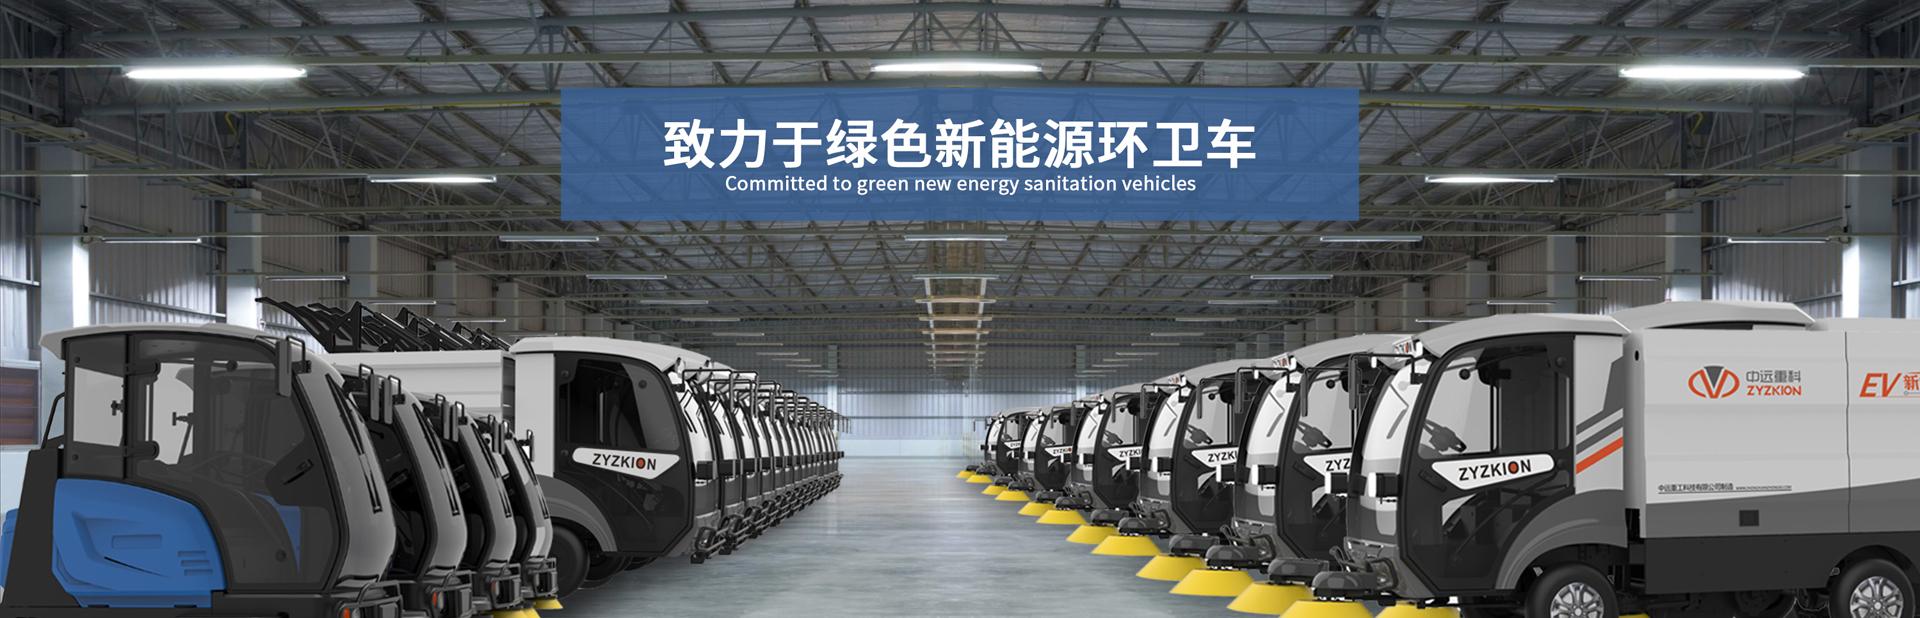 新能源清运车